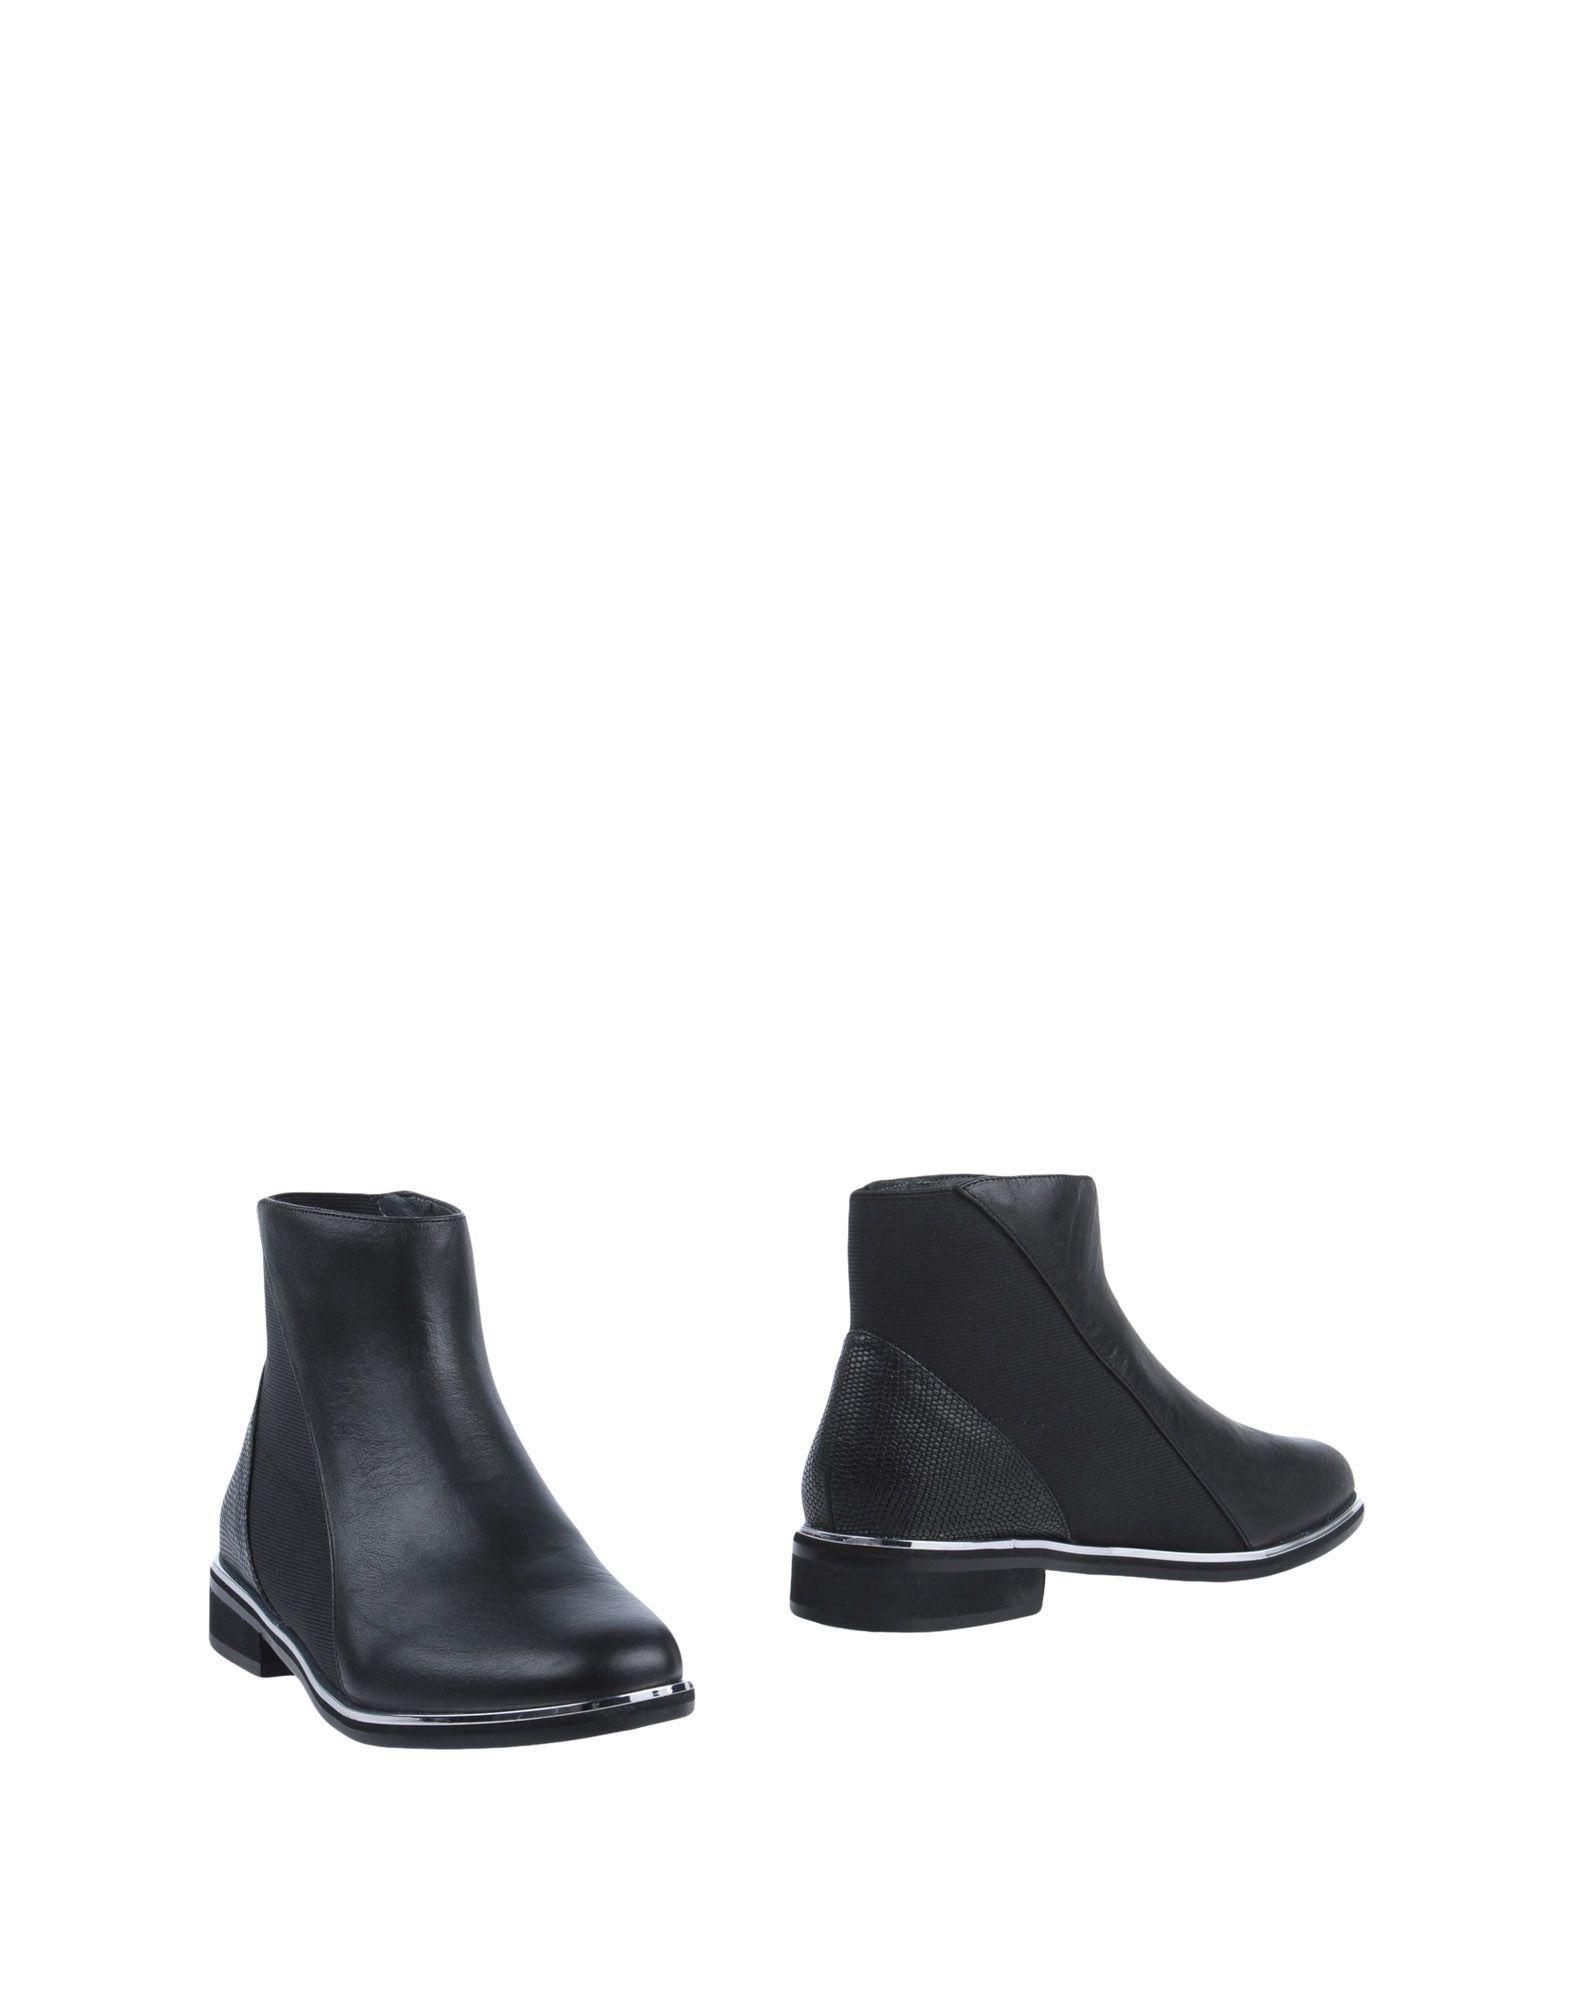 United Nude Stiefelette Damen  11326868UC Gute Qualität beliebte Schuhe